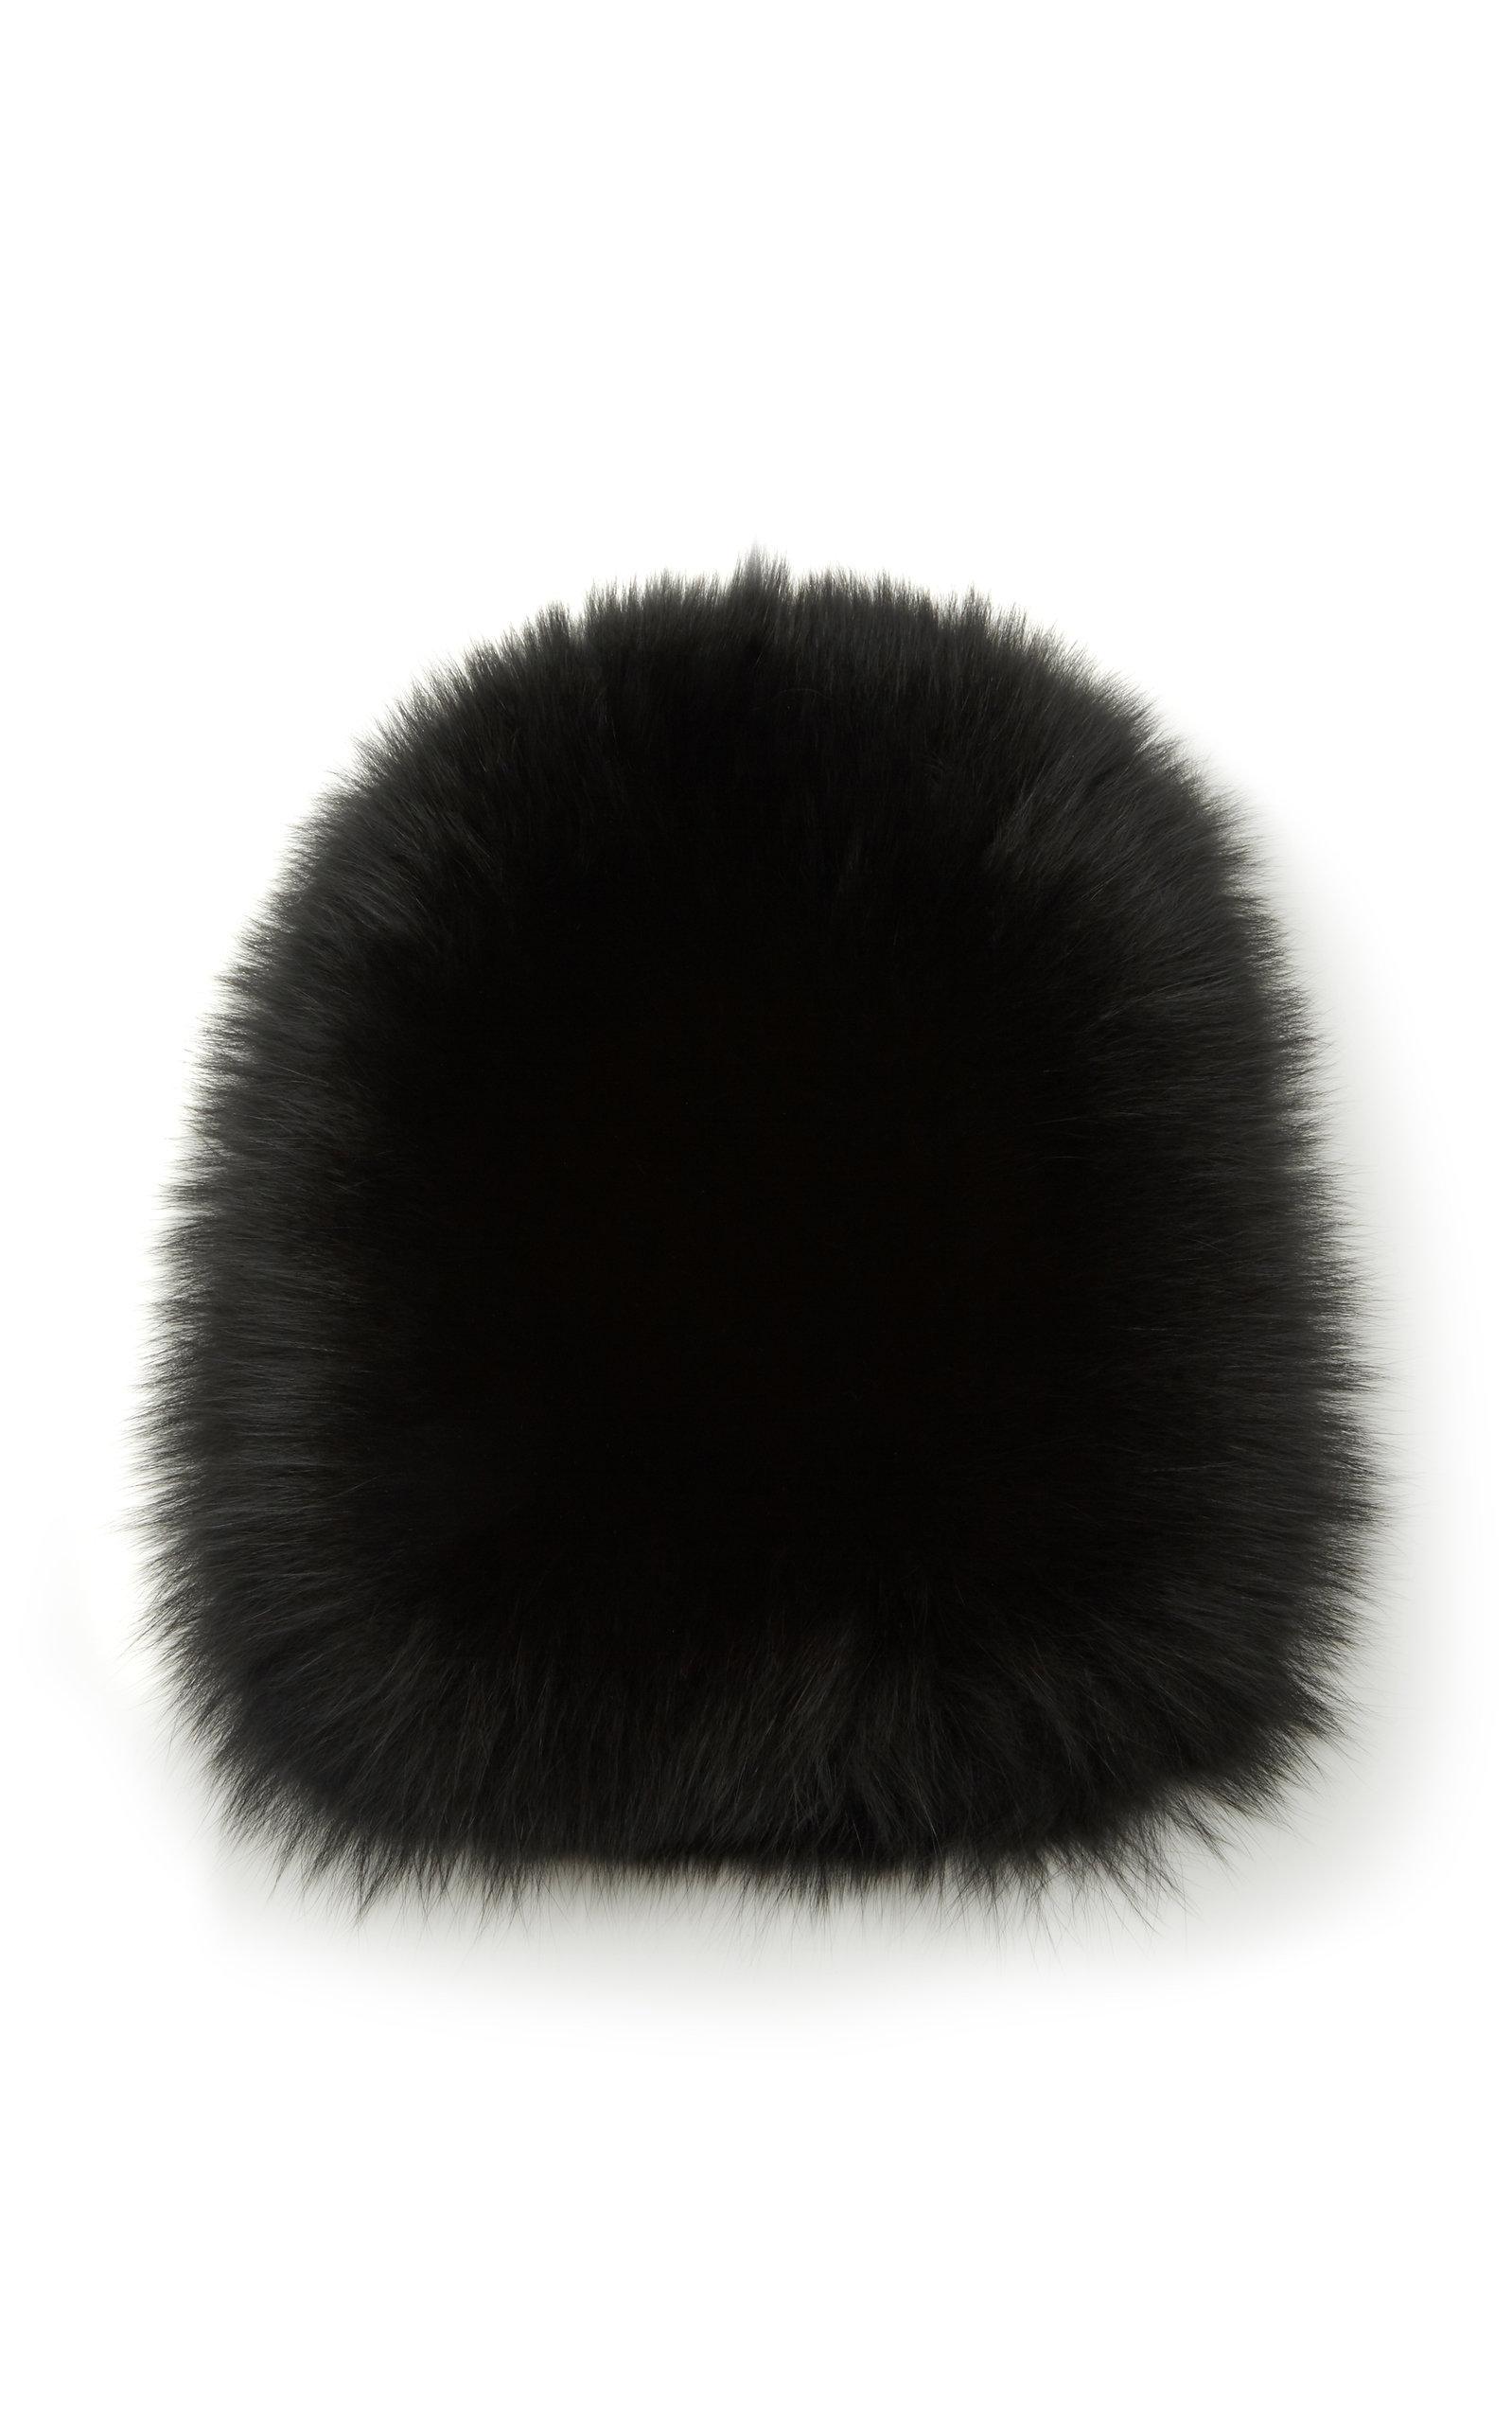 YESTADT MILLINERY Le Fluff Fox Fur Beanie in Black